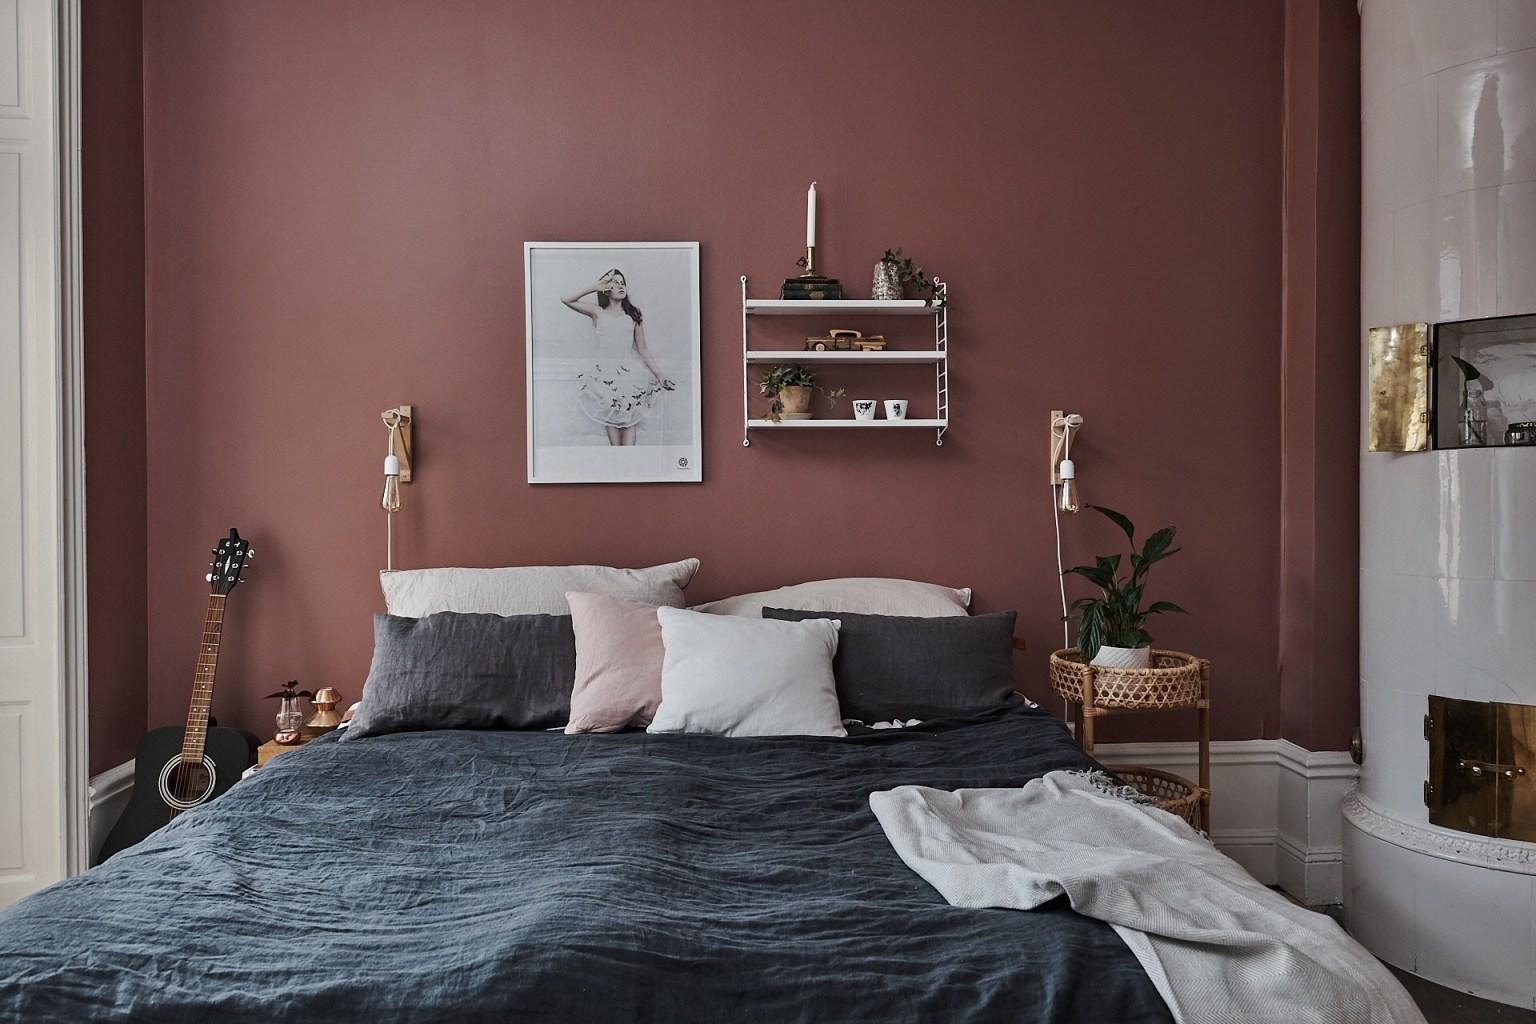 Căn hộ 58m² đẹp tinh tế nhờ phối màu tinh tế theo phong cách Scandinavian - Ảnh 12.